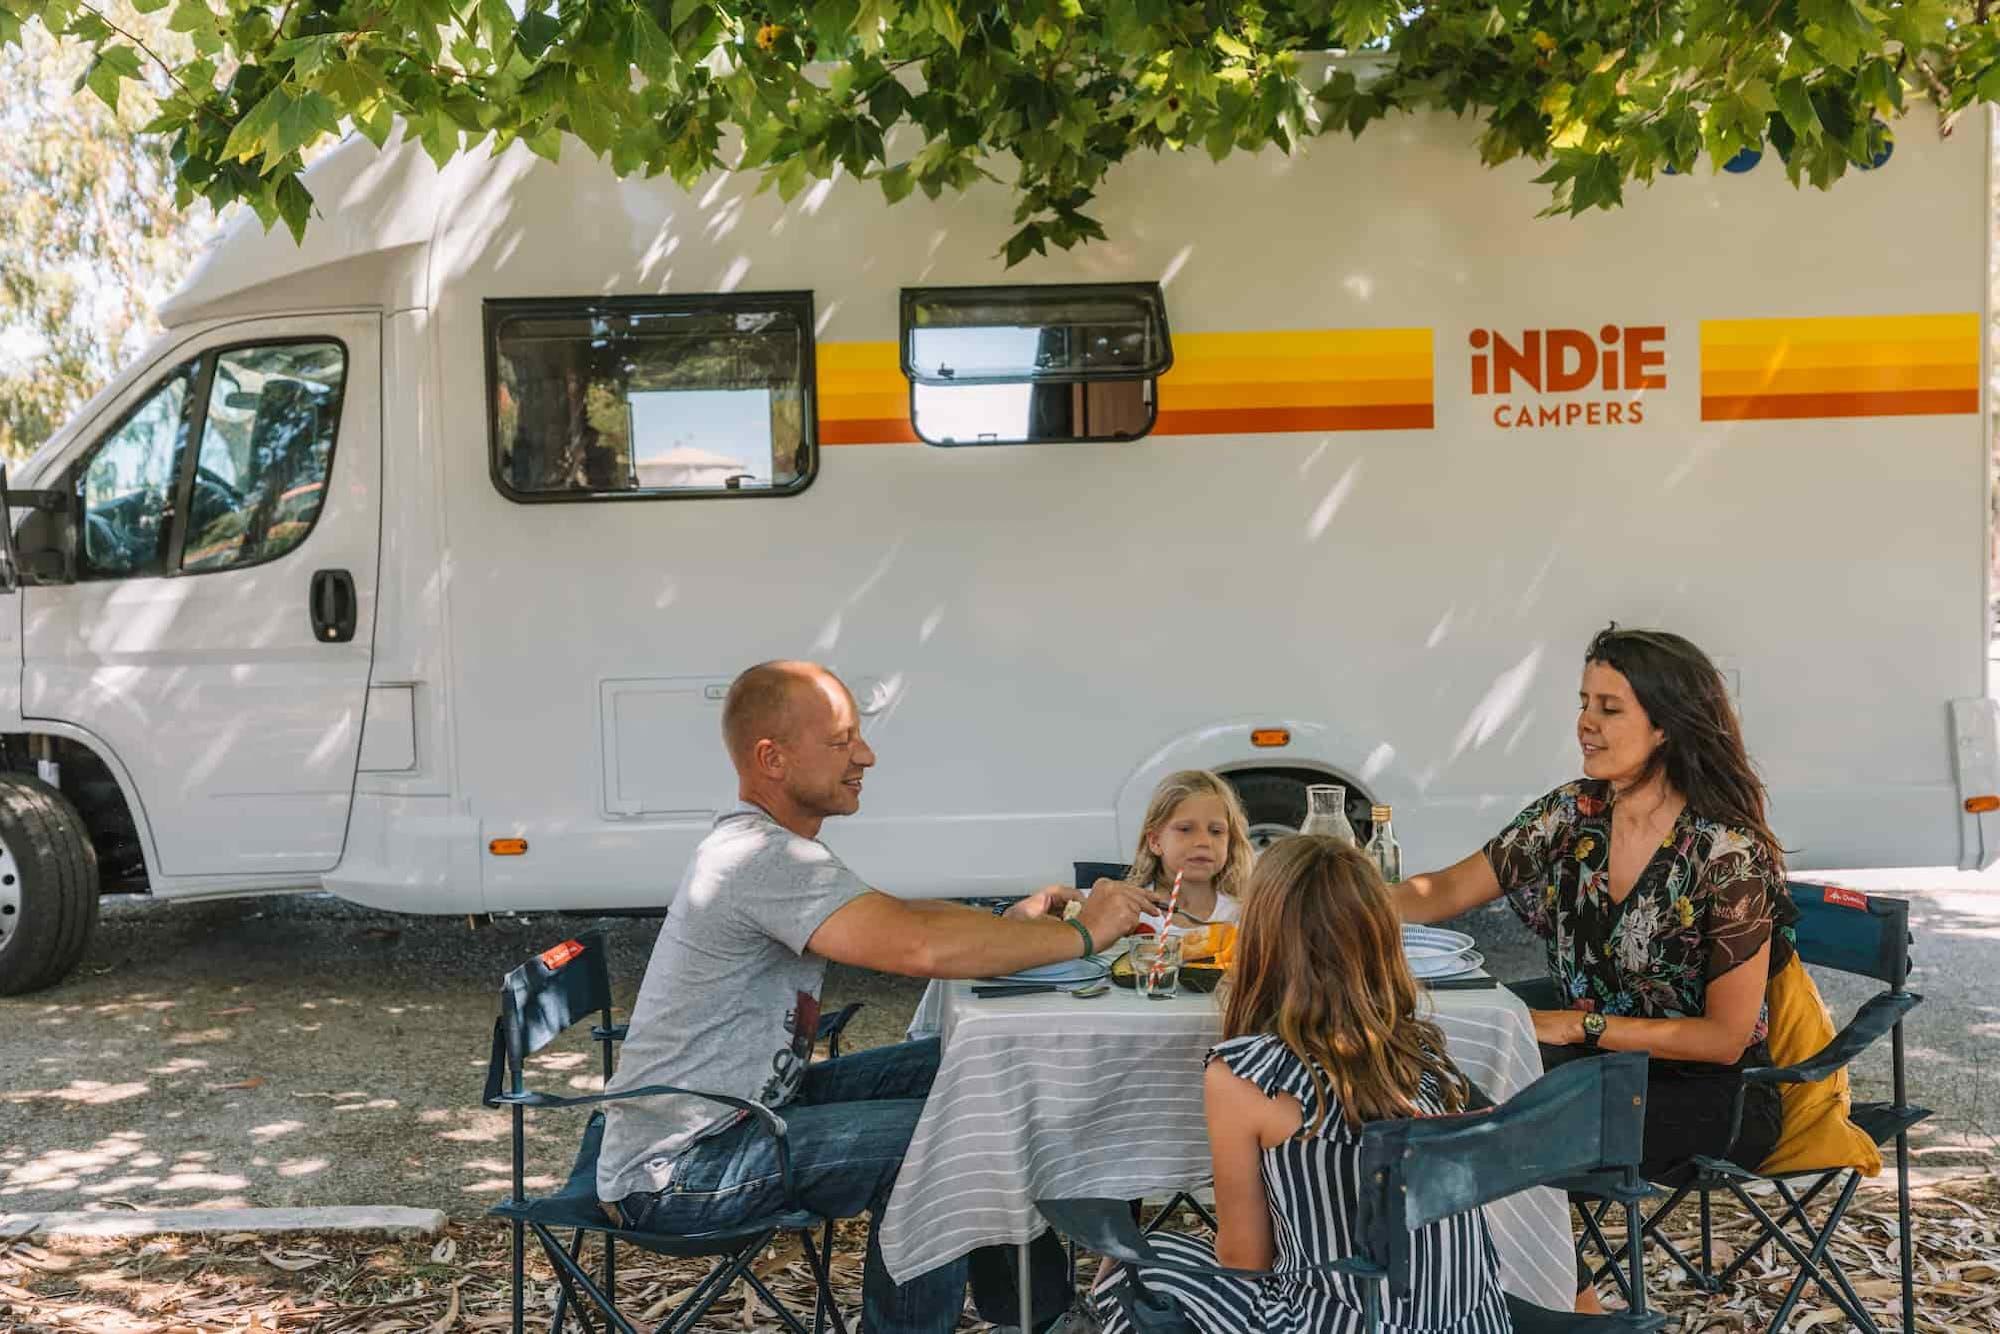 Rv Rental In Europe Indie Campers